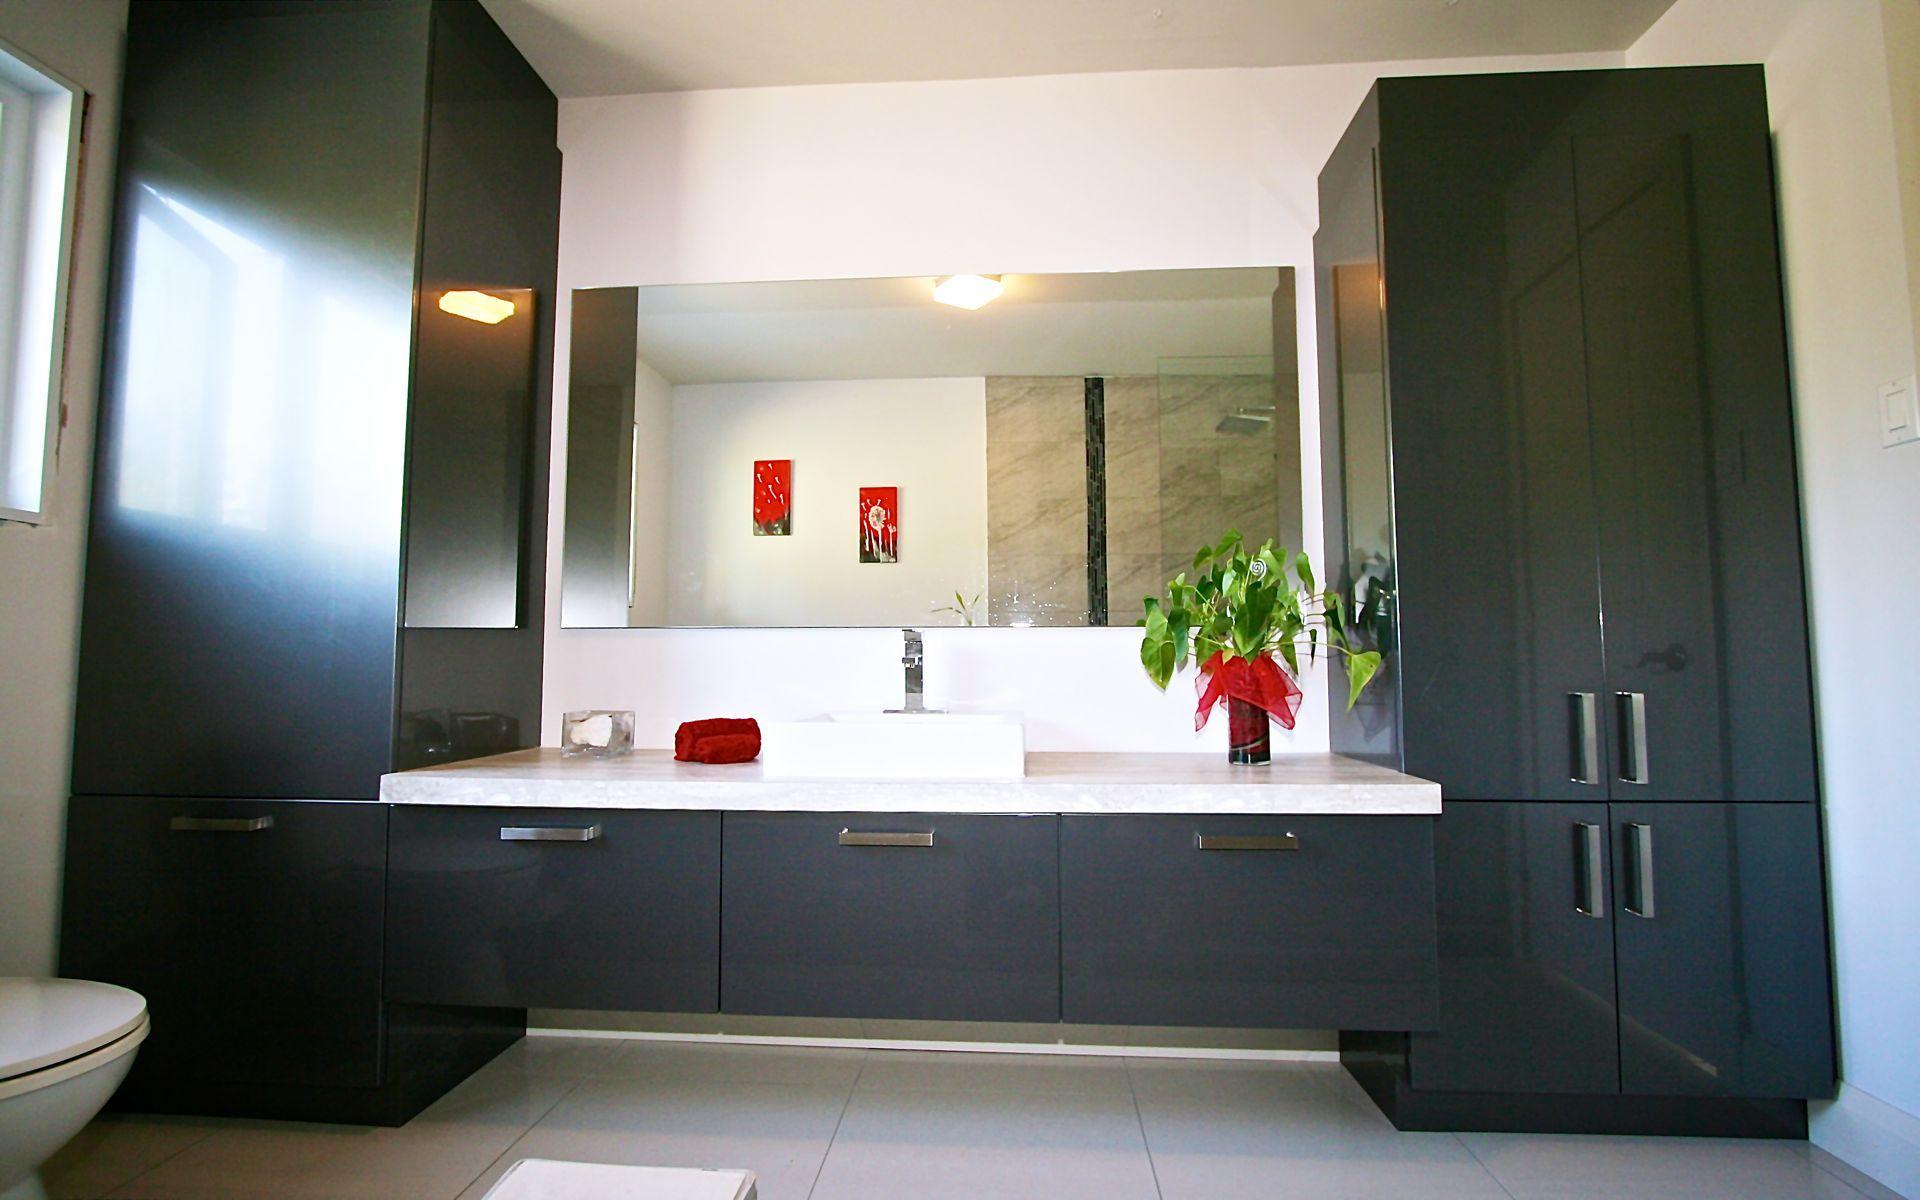 Vanite Salle Bain Bf ~ salle de bain moderne vanit suspendue en thermoplastique gris